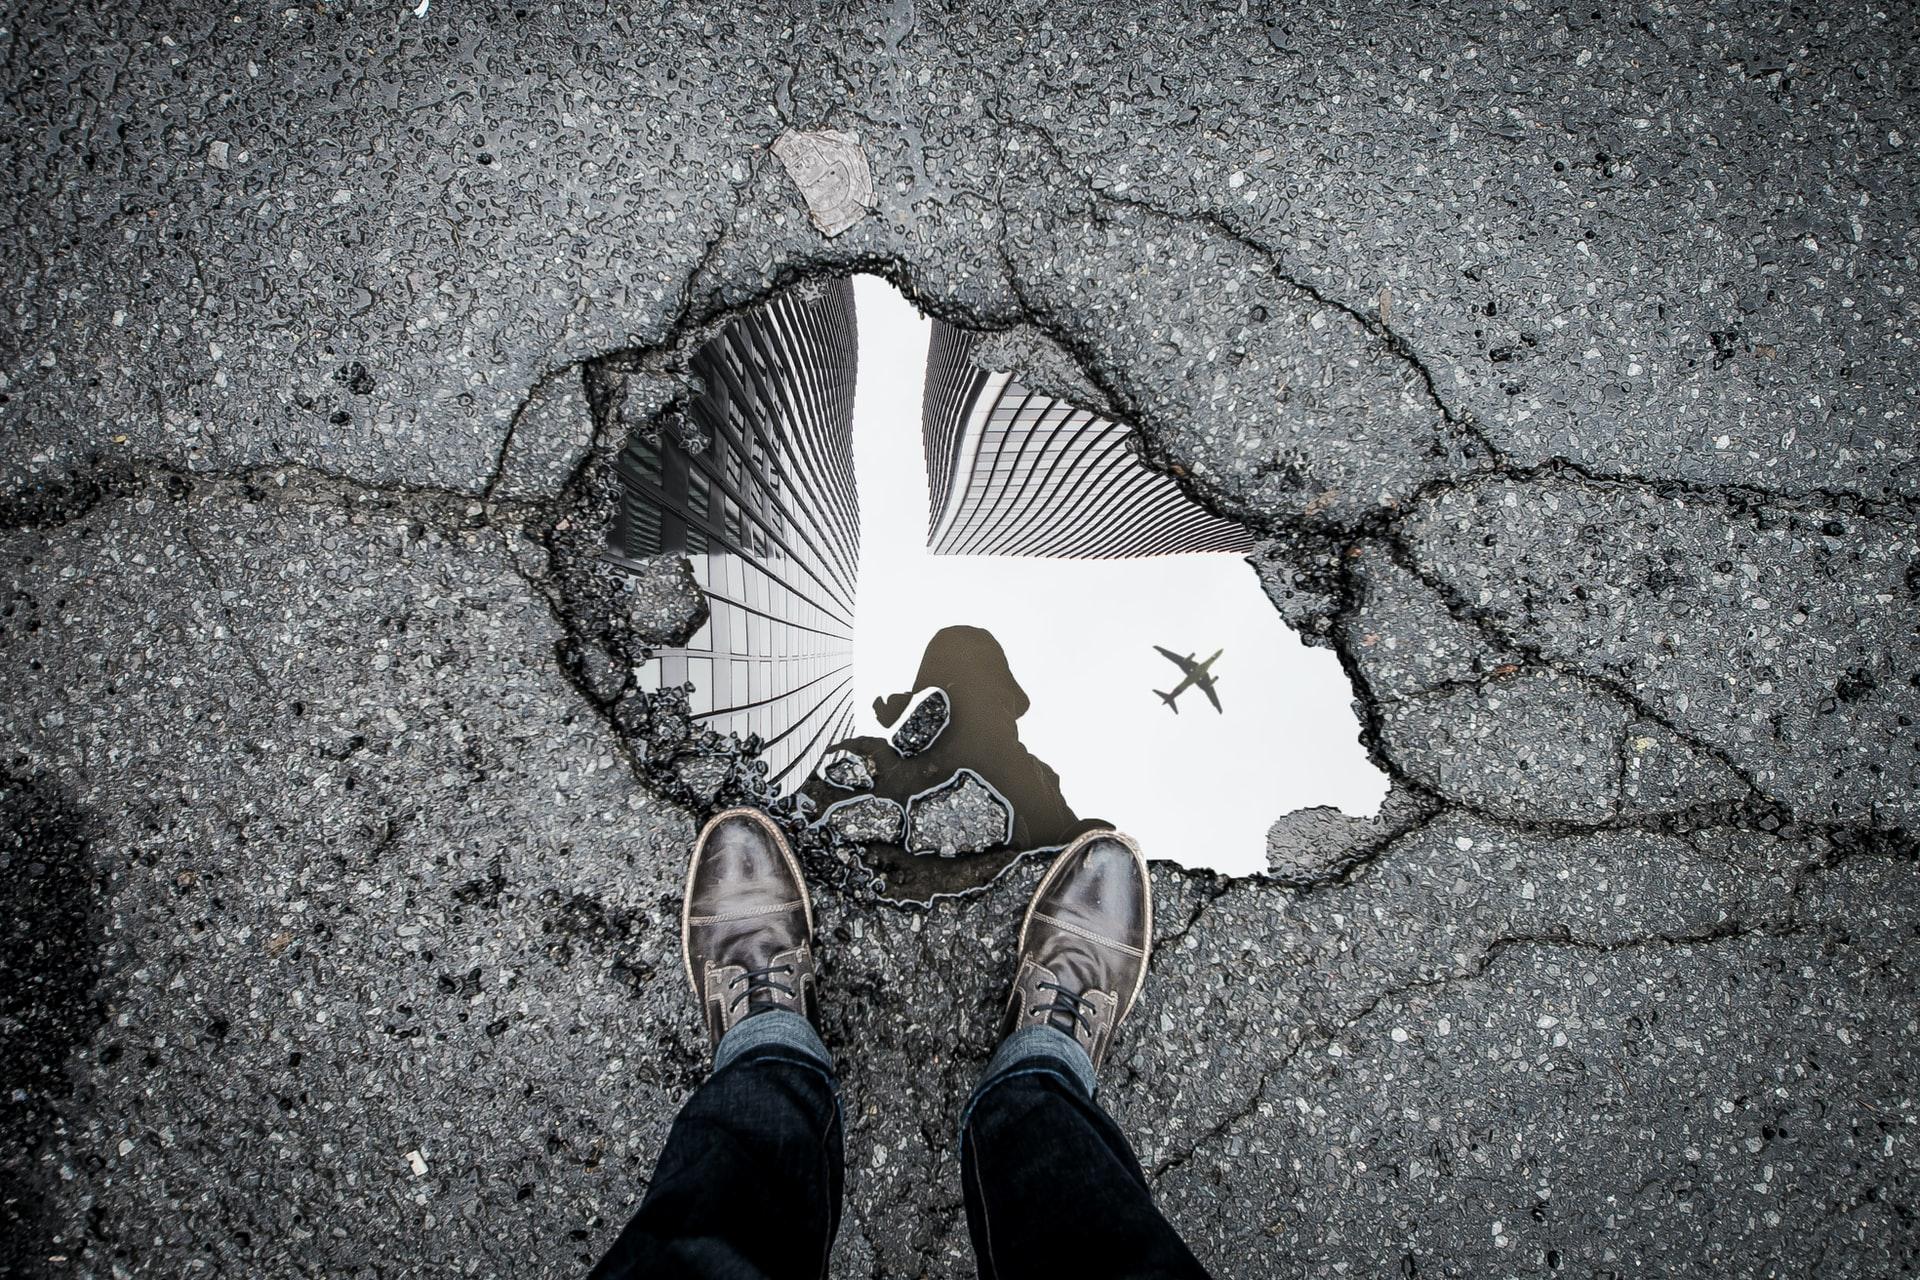 Poça de água em buraco na estrada com prédios no reflexo